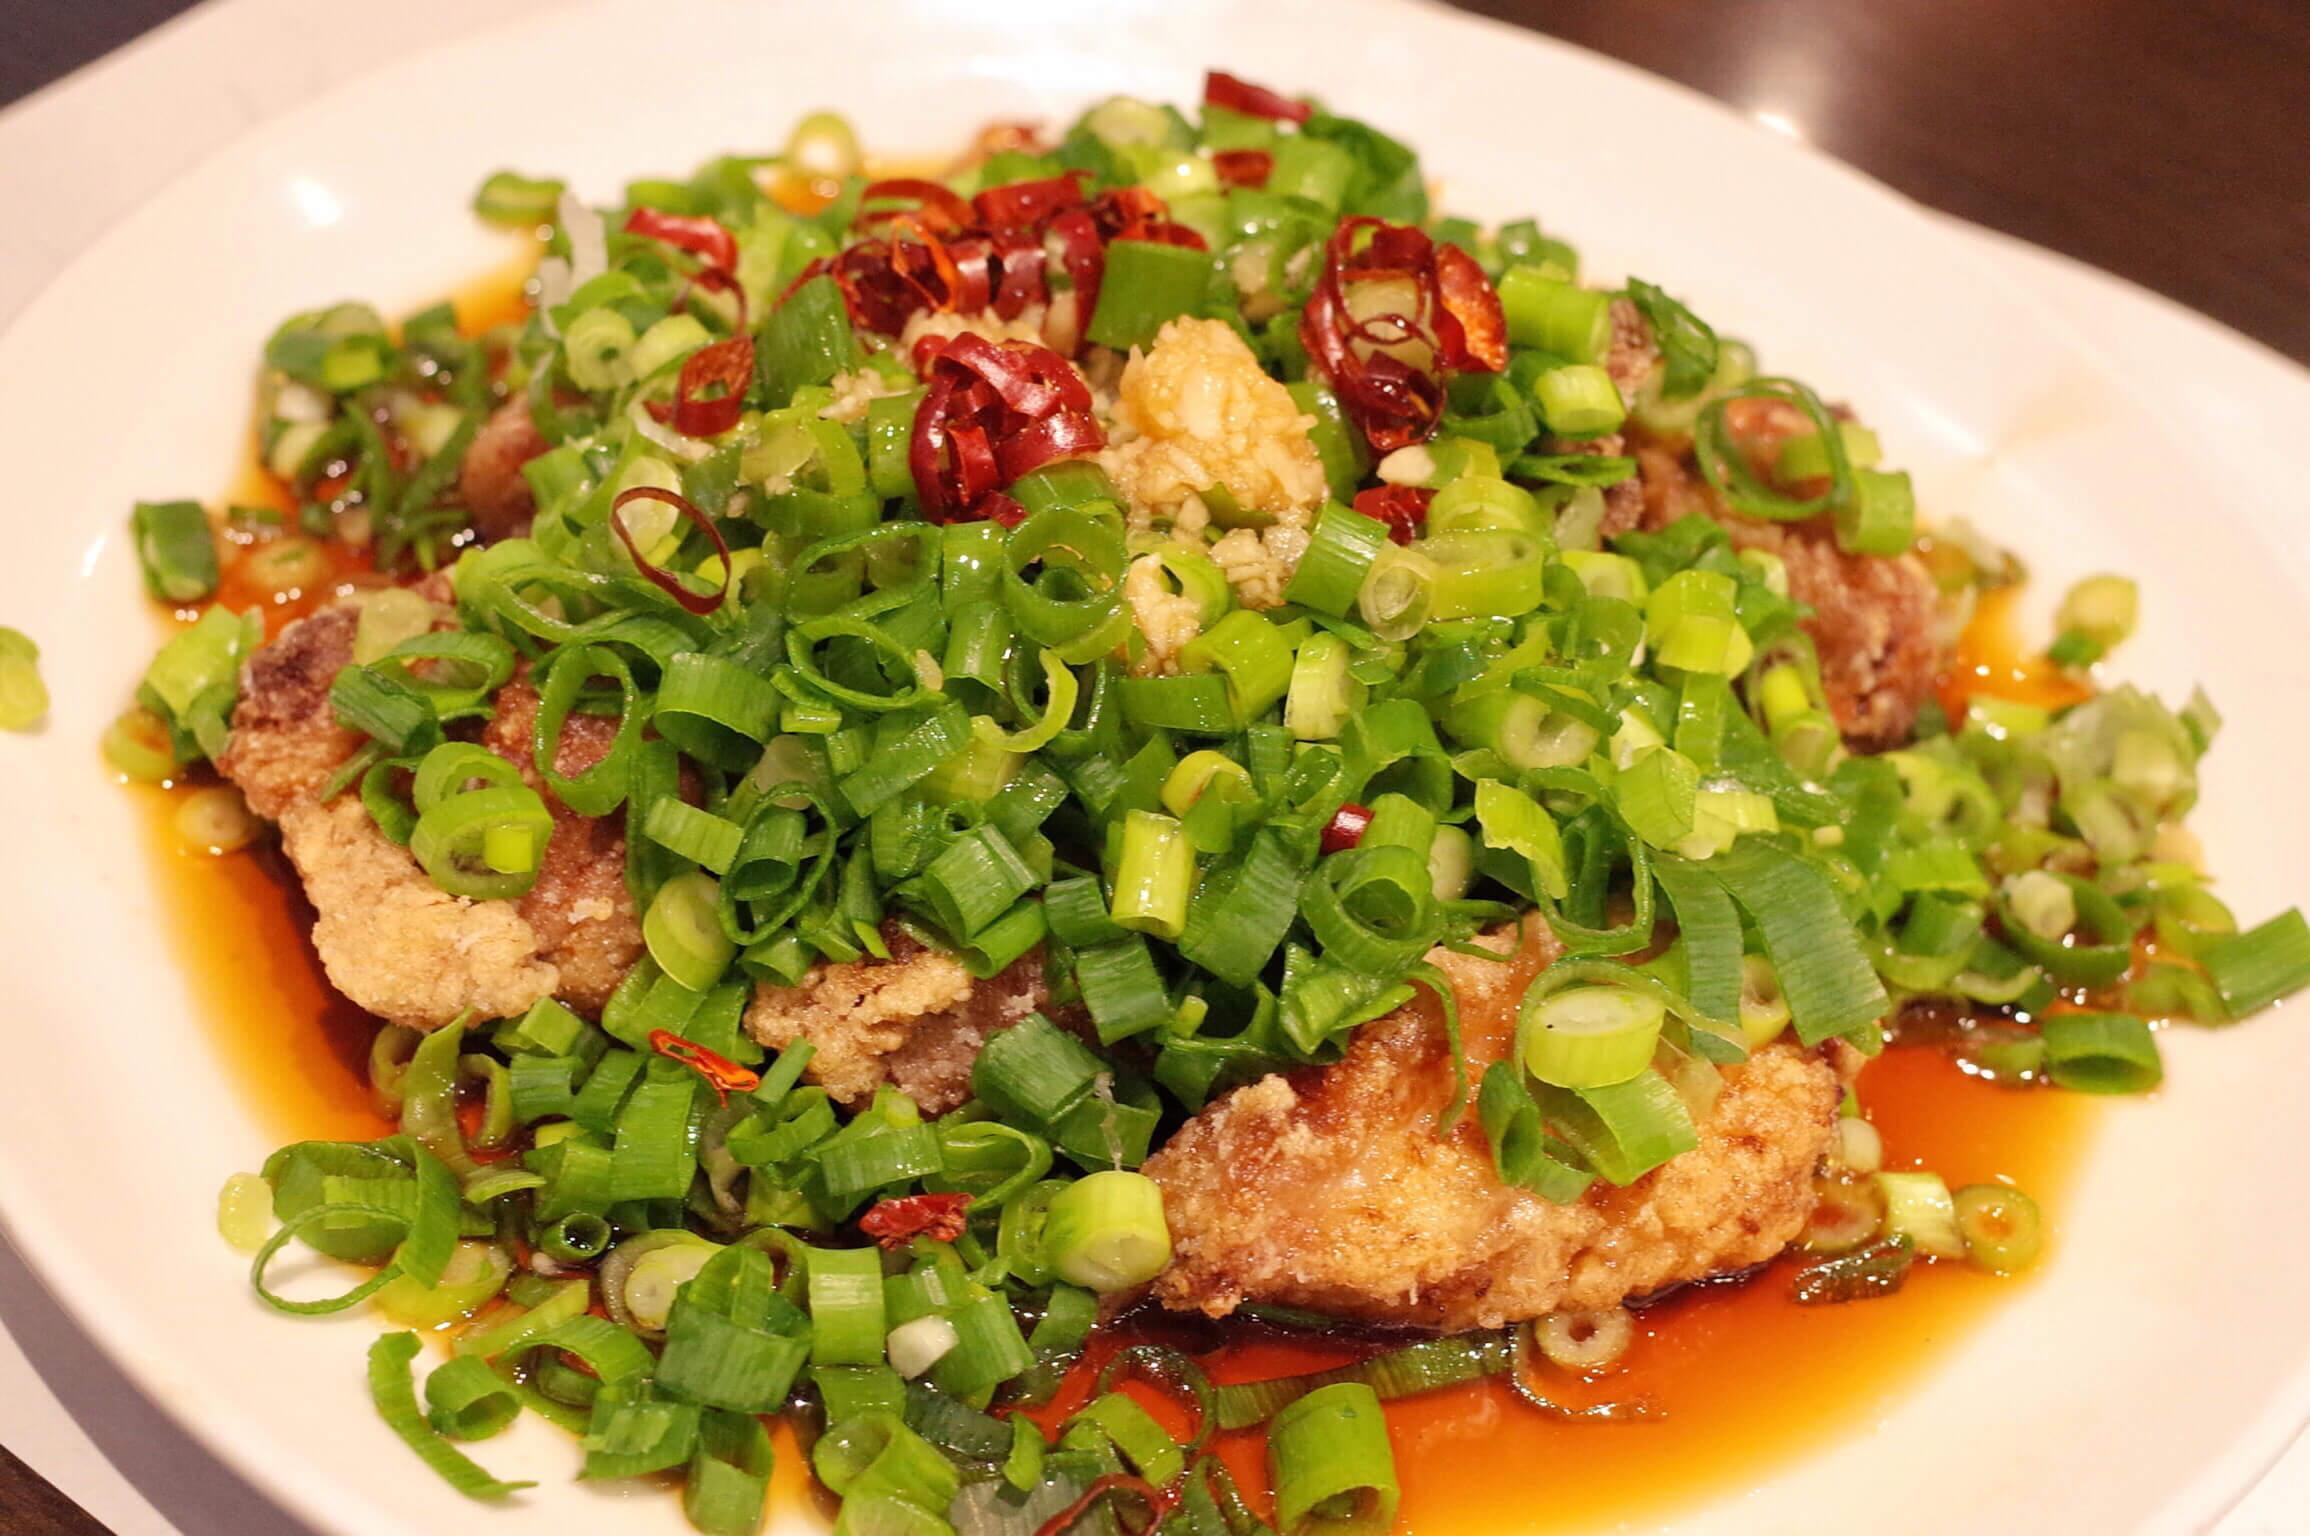 蘭亭 谷町九丁目 | 台湾料理が美味い!ちょっと変わった酢豚と激辛の台湾ラーメンを堪能!